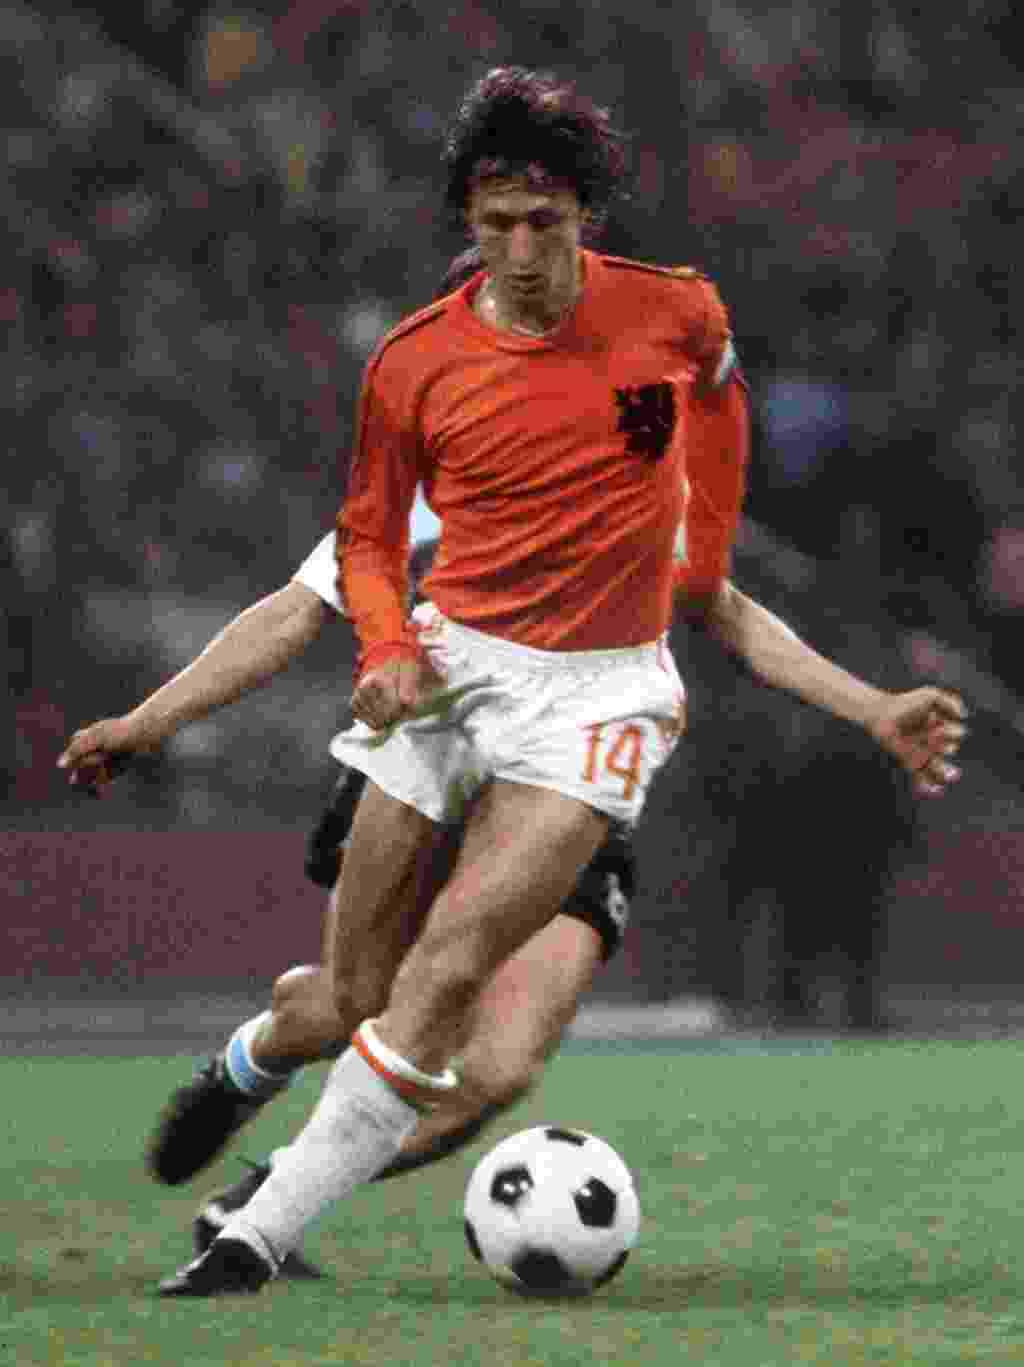 Johan Cruyff, da Holanda, domina a bola durante a final da Copa do Mundo de 1974, contra a Alemanha Ocidental, em Munique - AFP PHOTO